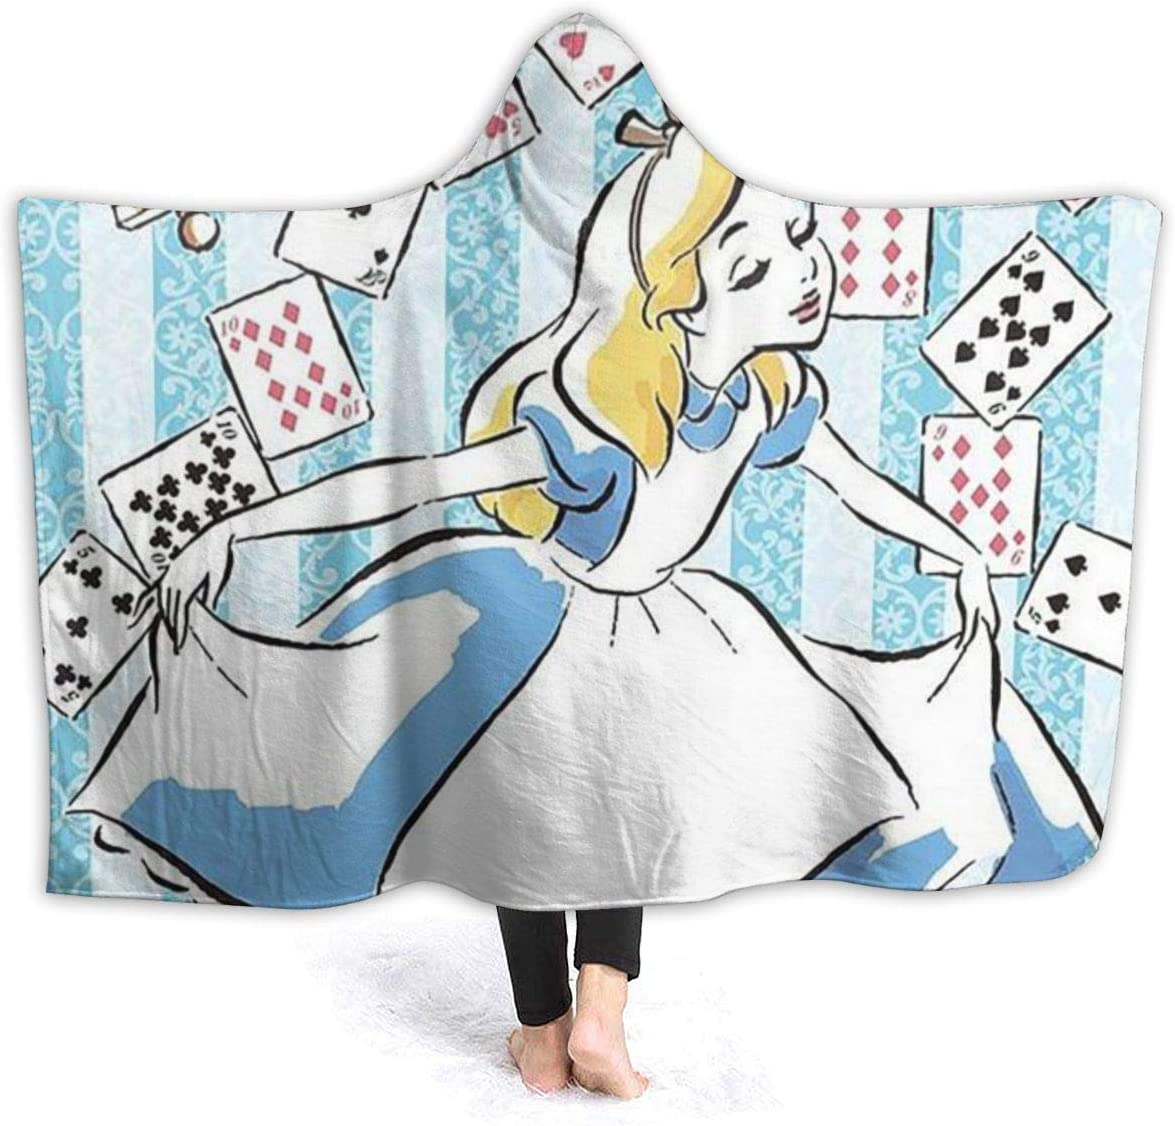 Alice in Wonderland Hooded Blanket for Bedroom for Women Men Boys Girls Gifts 80